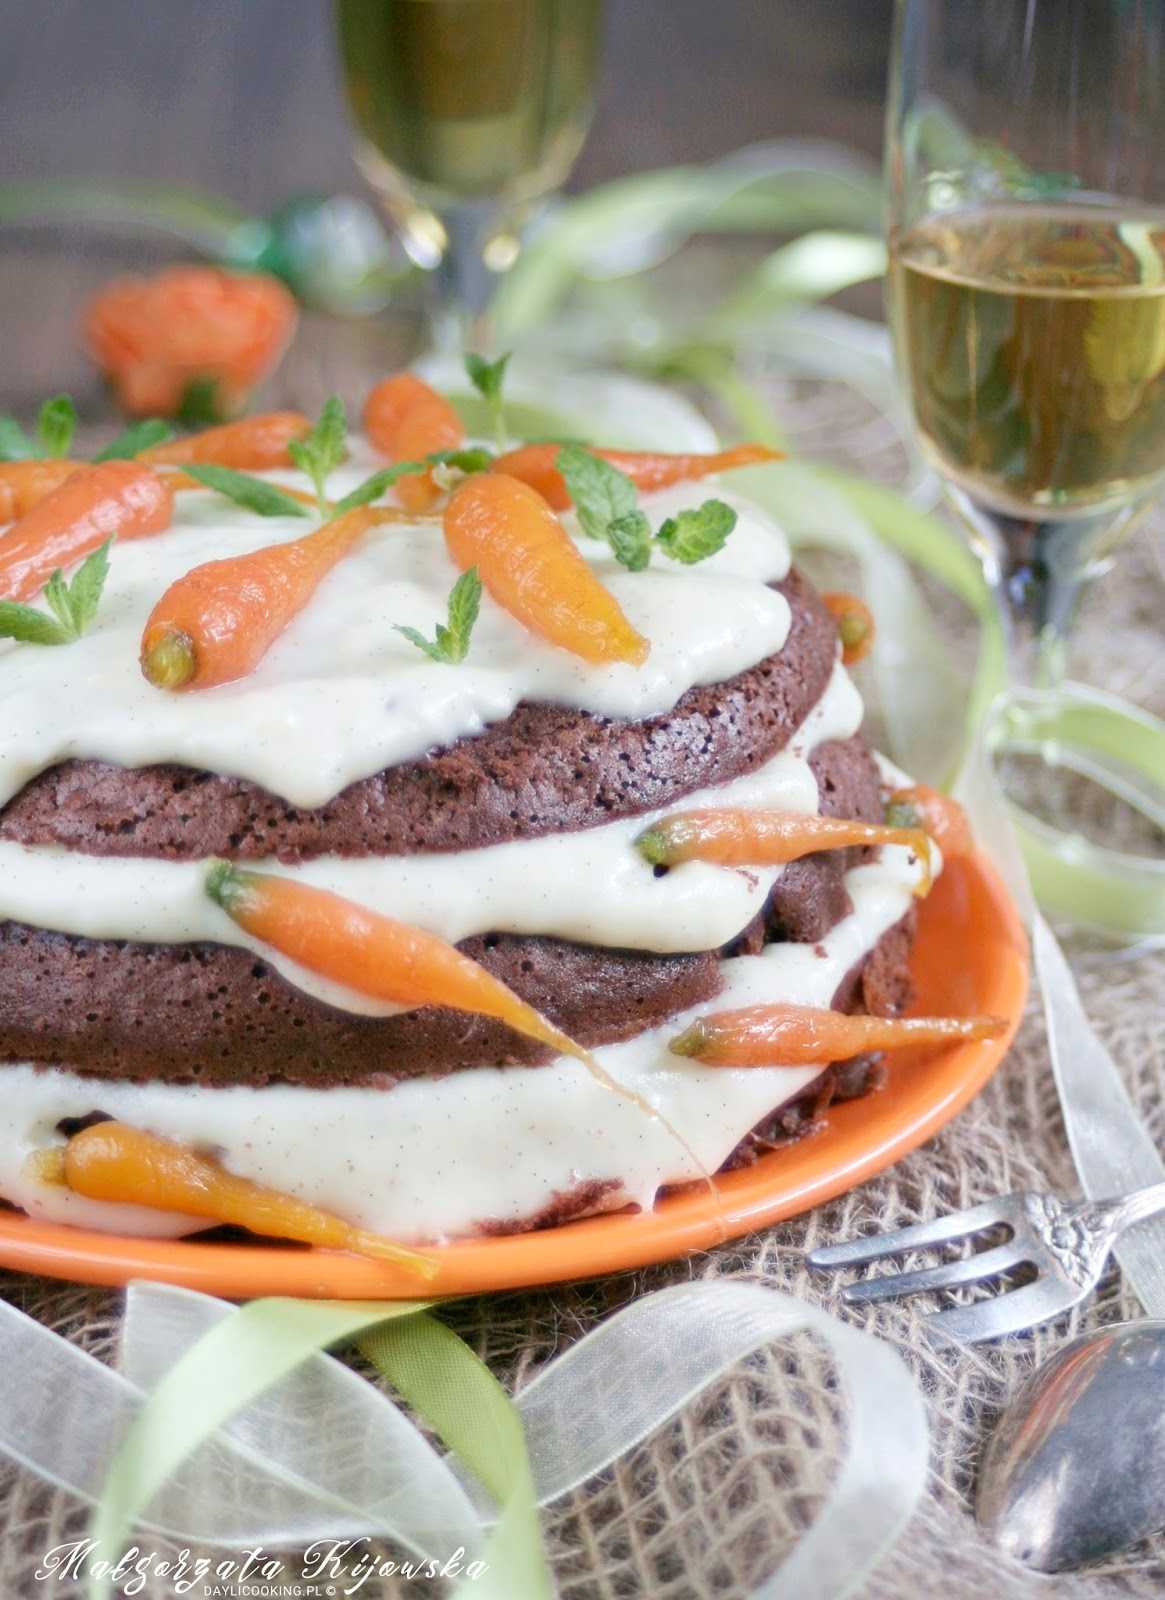 tort, urodziny, ciasto orzechowe, ciasto z orzechami, kandyzowana marchew, daylicooking, Małgorzata Kijowska, Akademia kulinarna whirlpool,